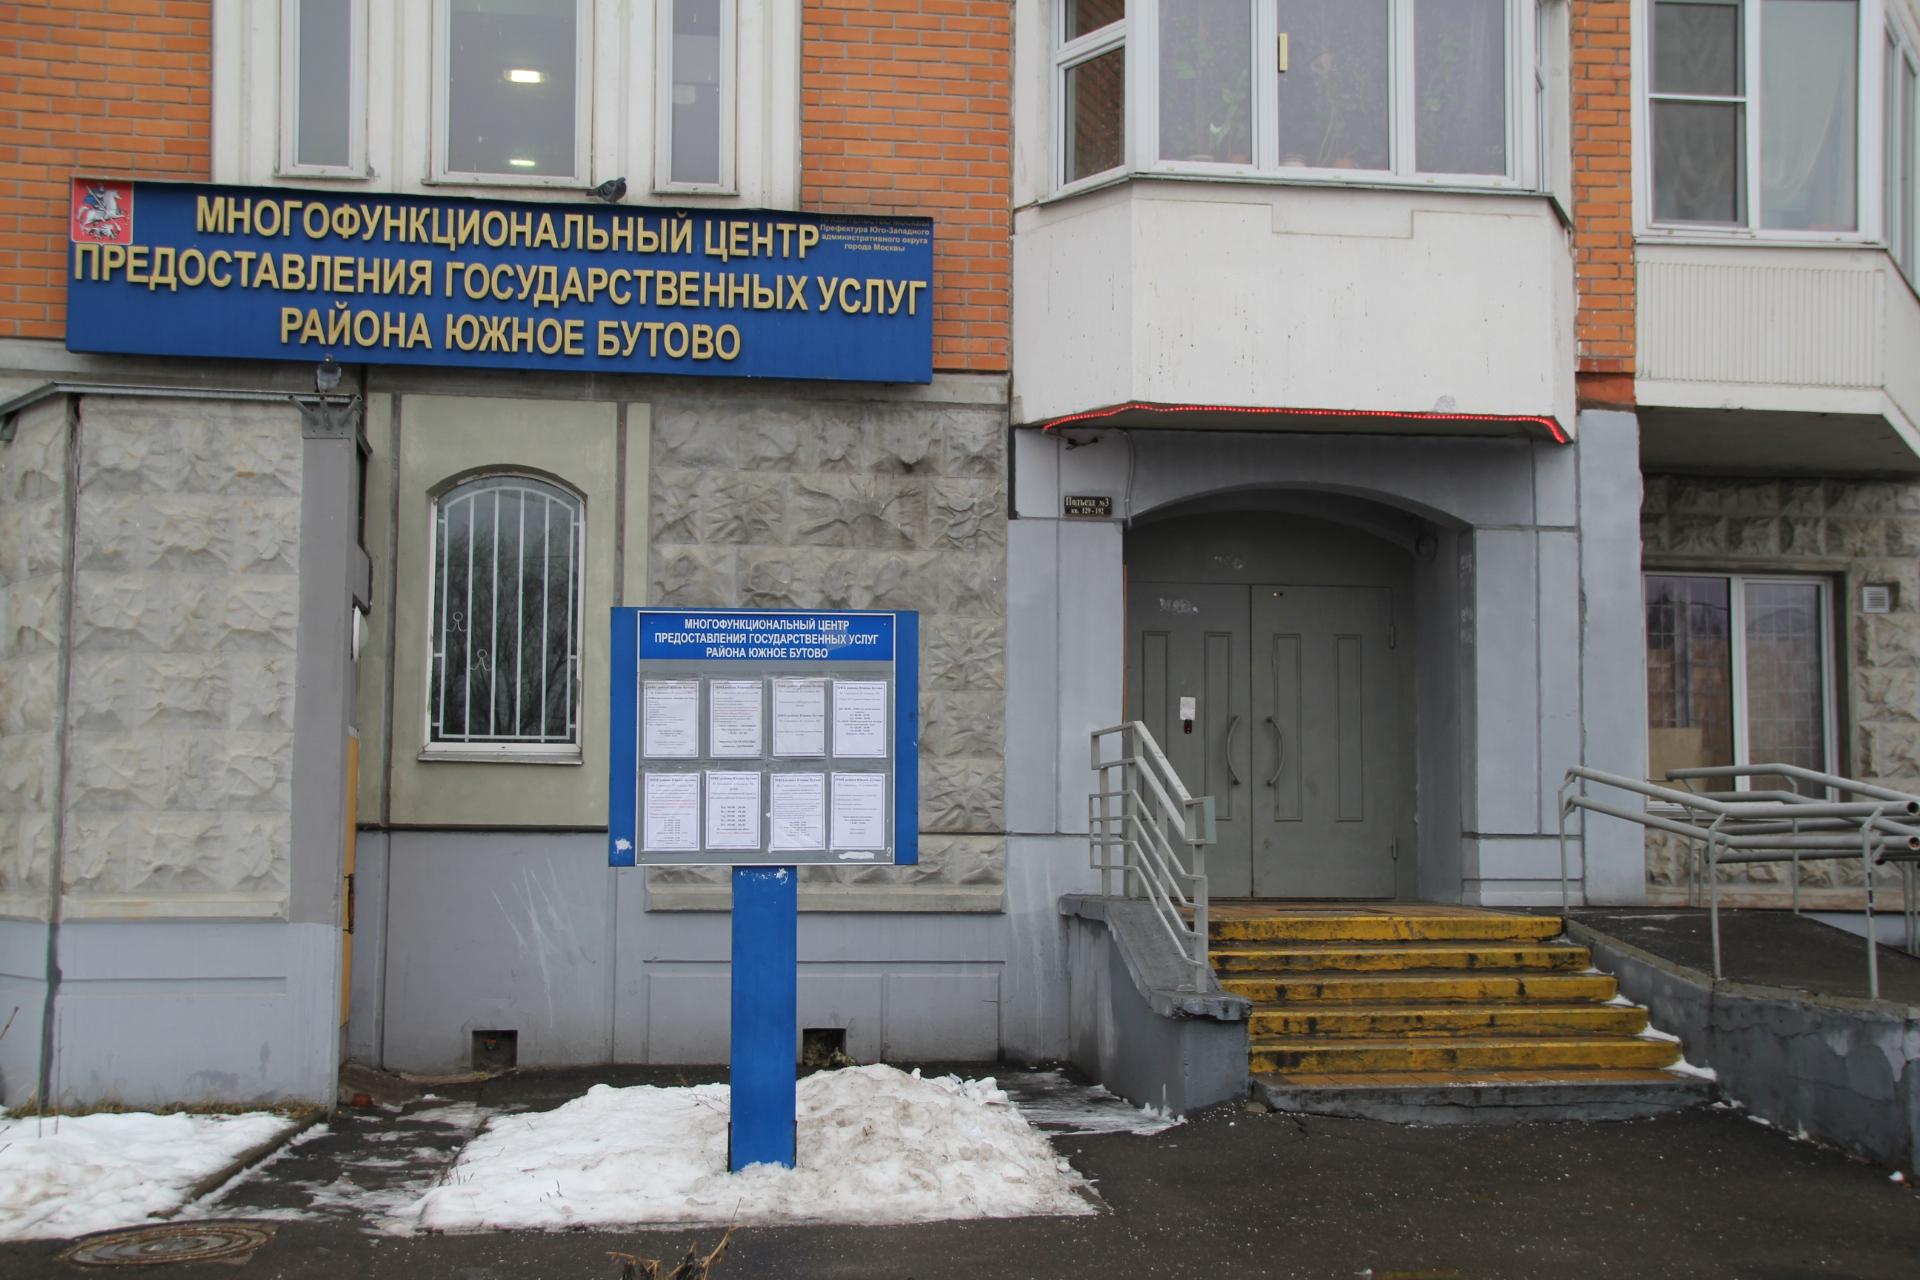 пенсионный фонд в южном бутово на изюмской называть литературой Киевской